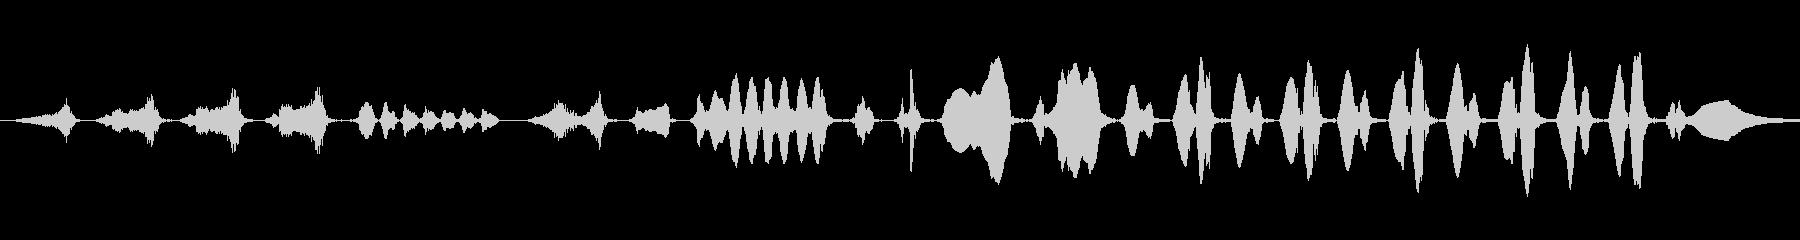 ハウスレン:シングルコール、動物の鳥の未再生の波形